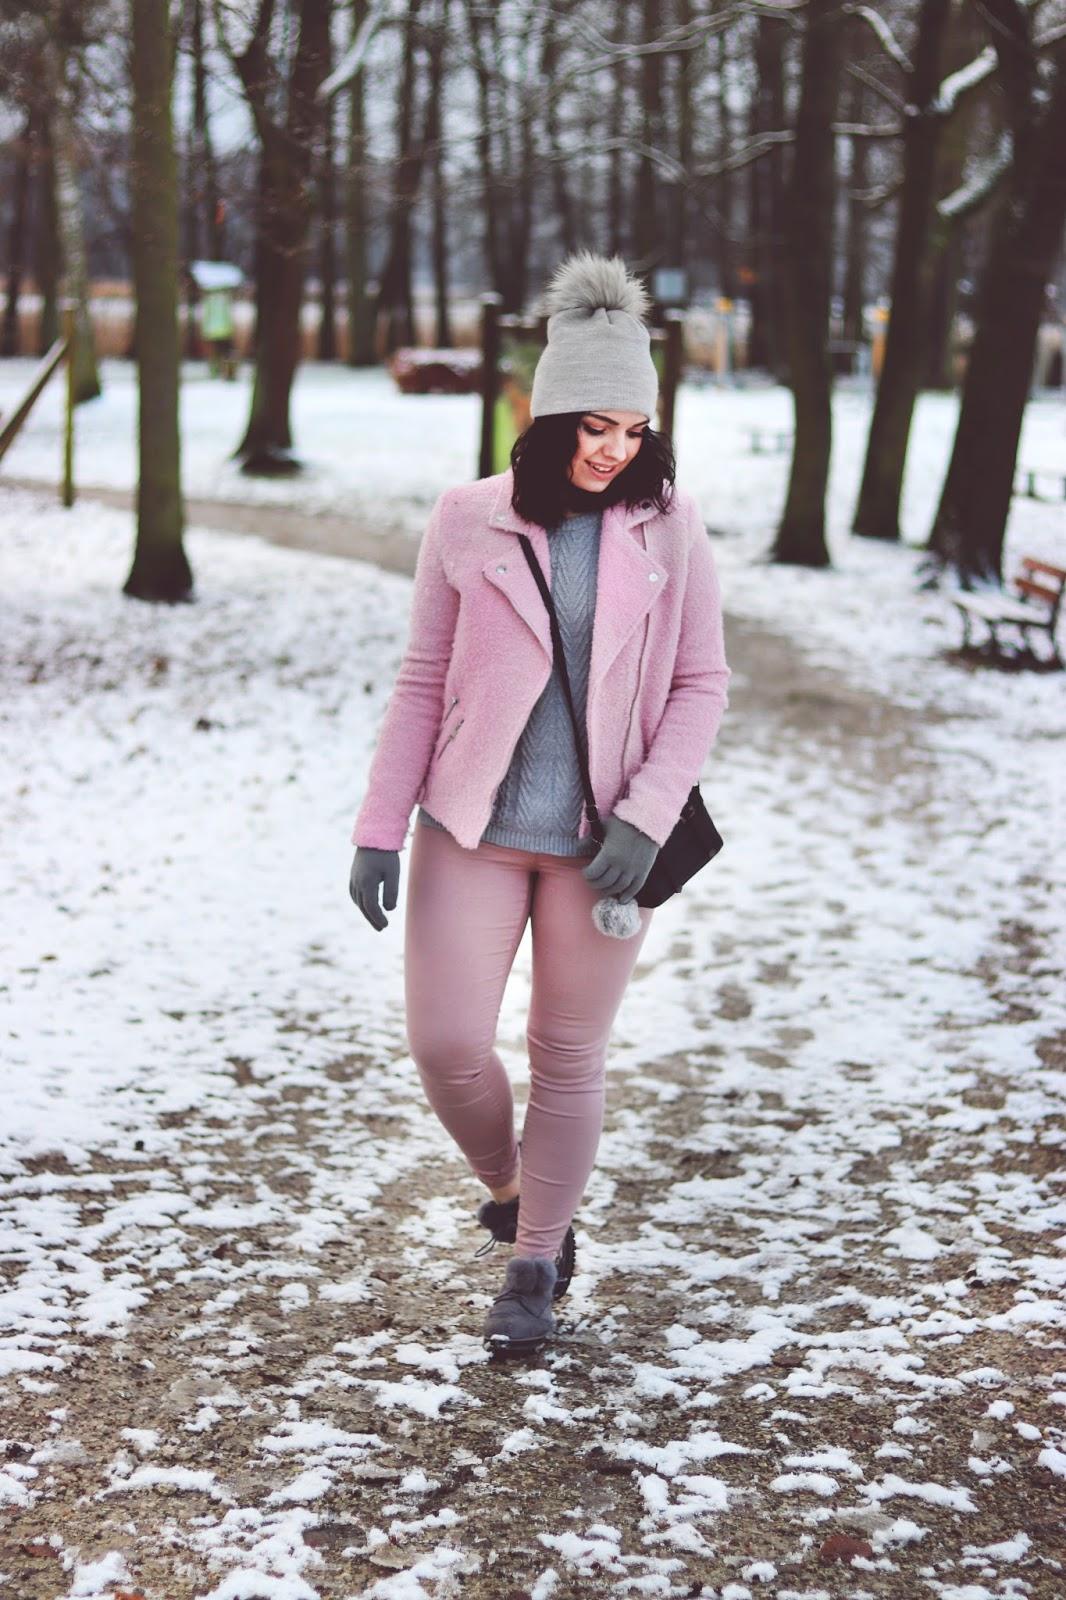 różowa kurtka ramoneska, szara czapka z pomponem, różowy płaszcz, buty deezee, deezee z pomponami